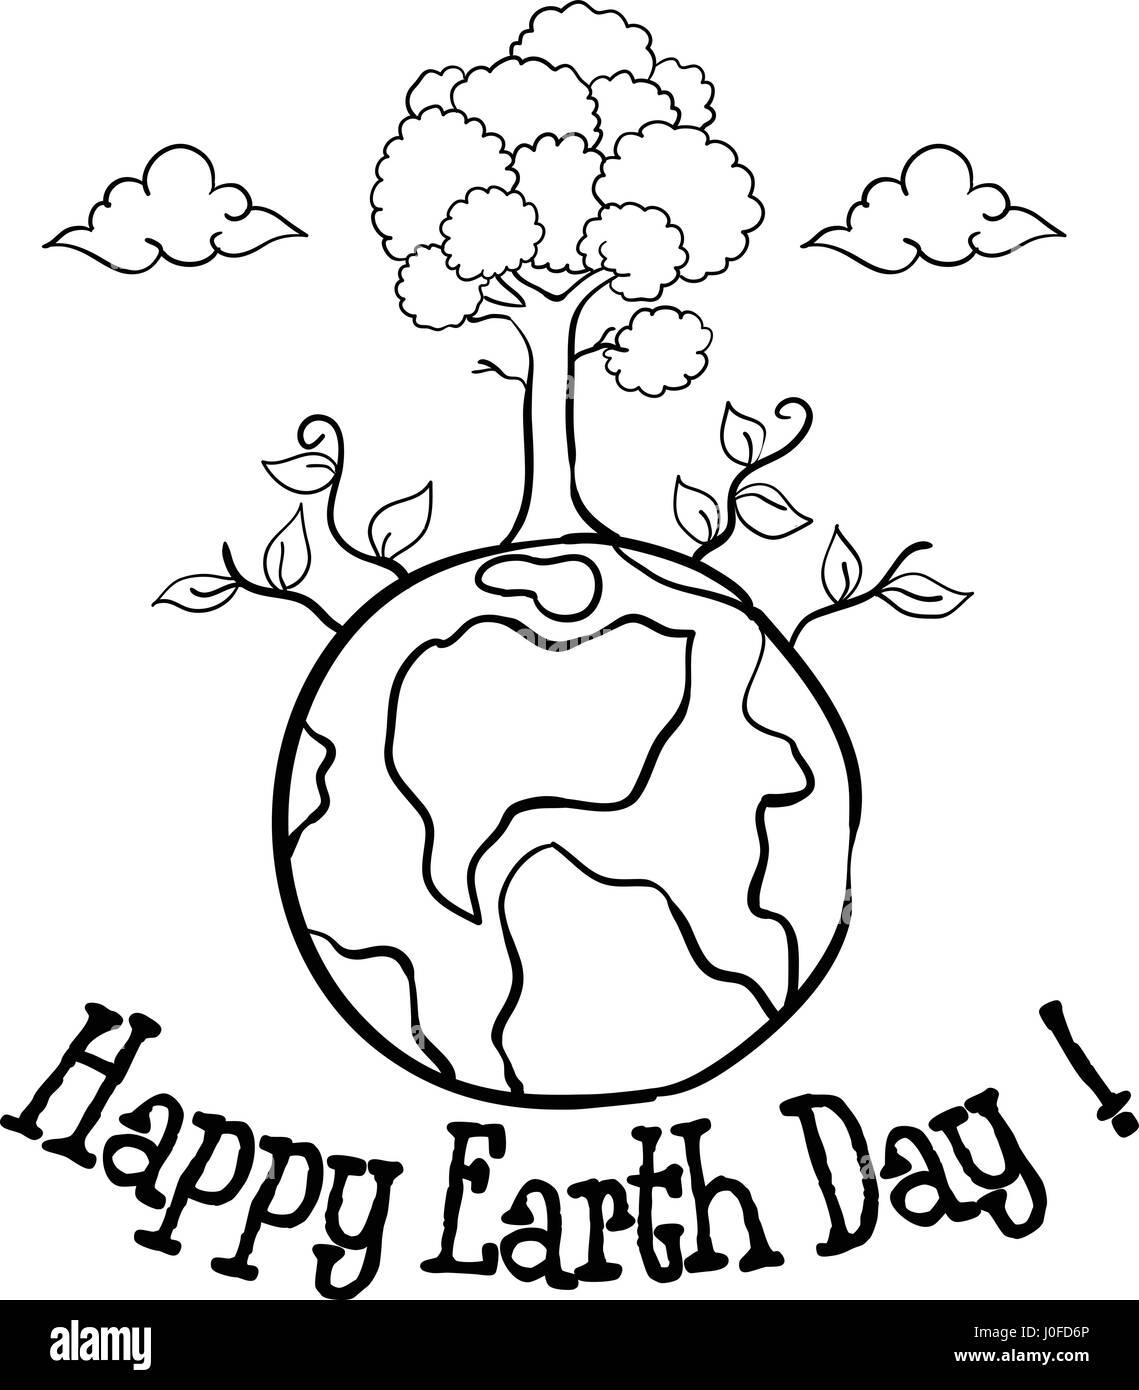 Felice Giornata della Terra con albero disegnare a mano Immagini Stock